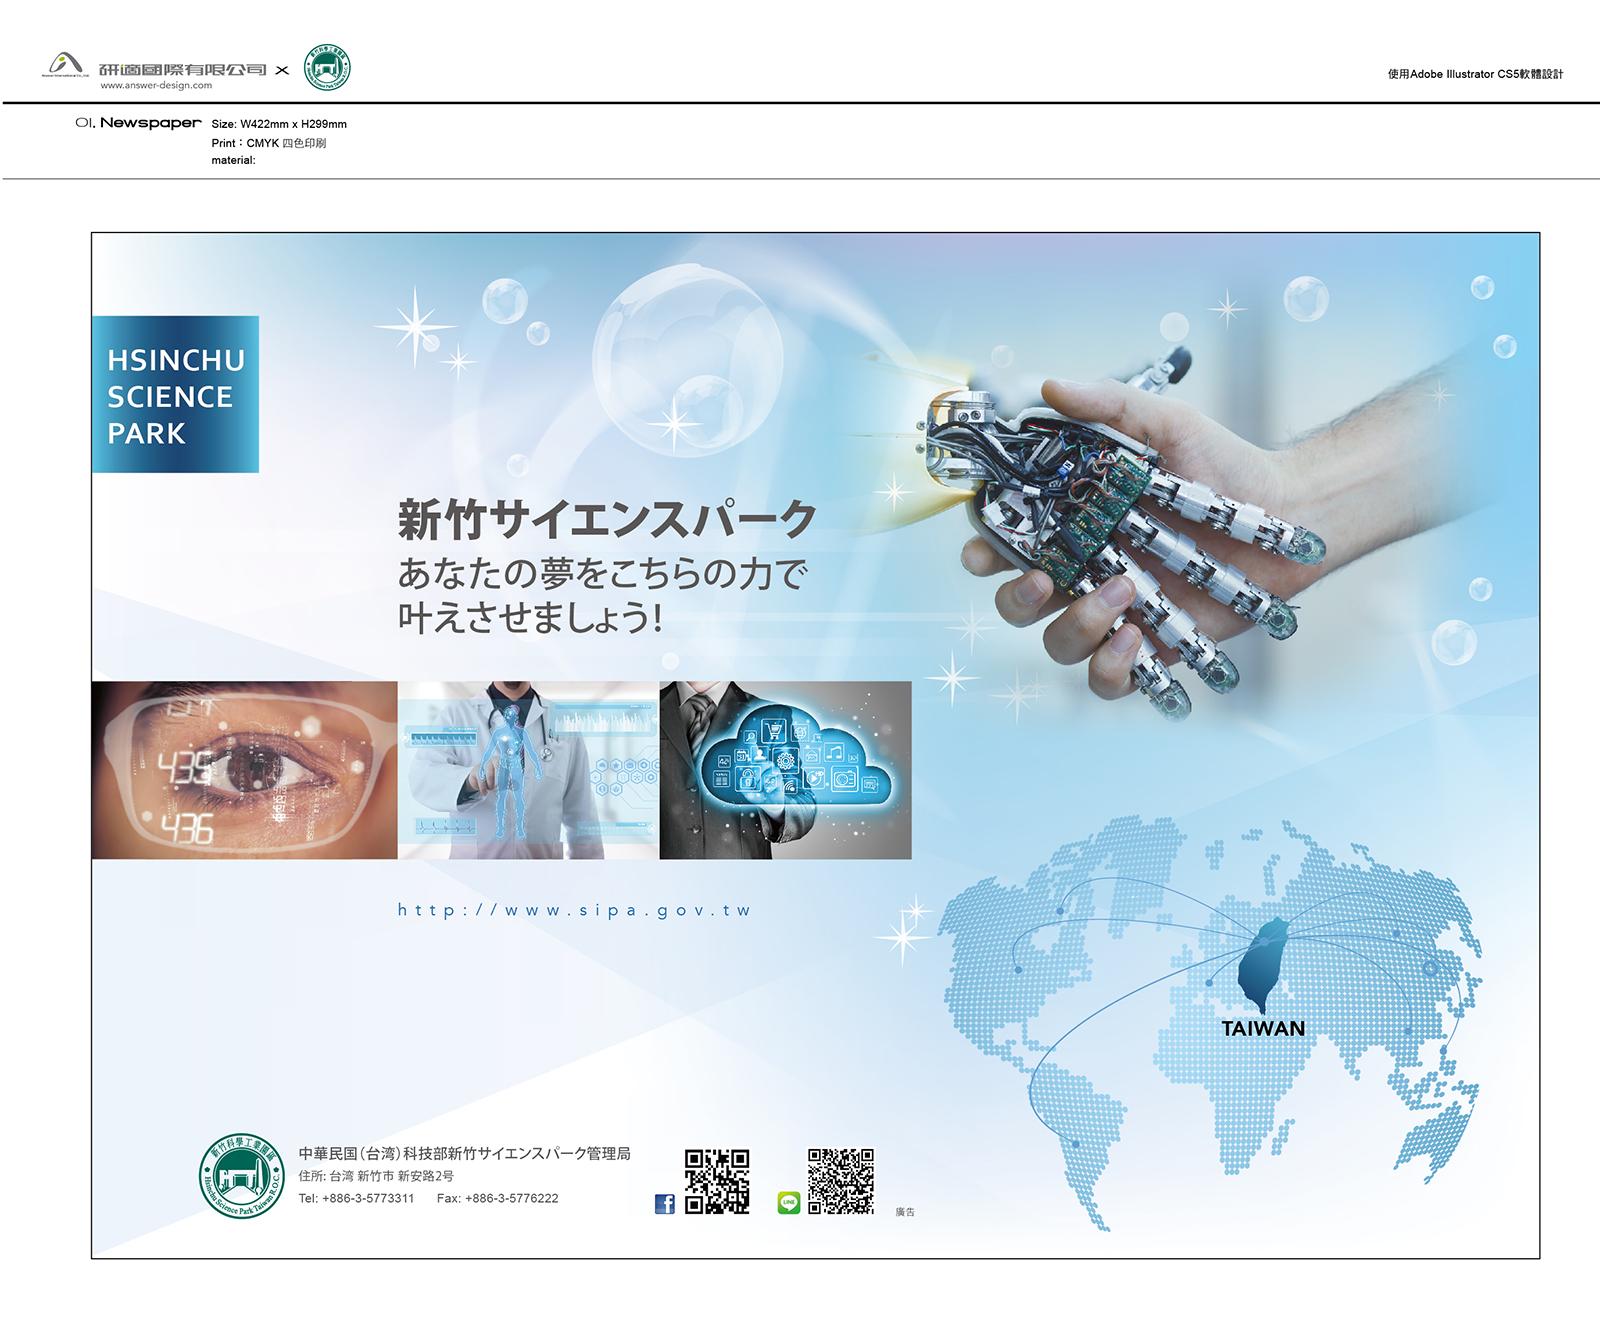 科技部新竹科學工業園區管理局35週年日本報紙稿設計